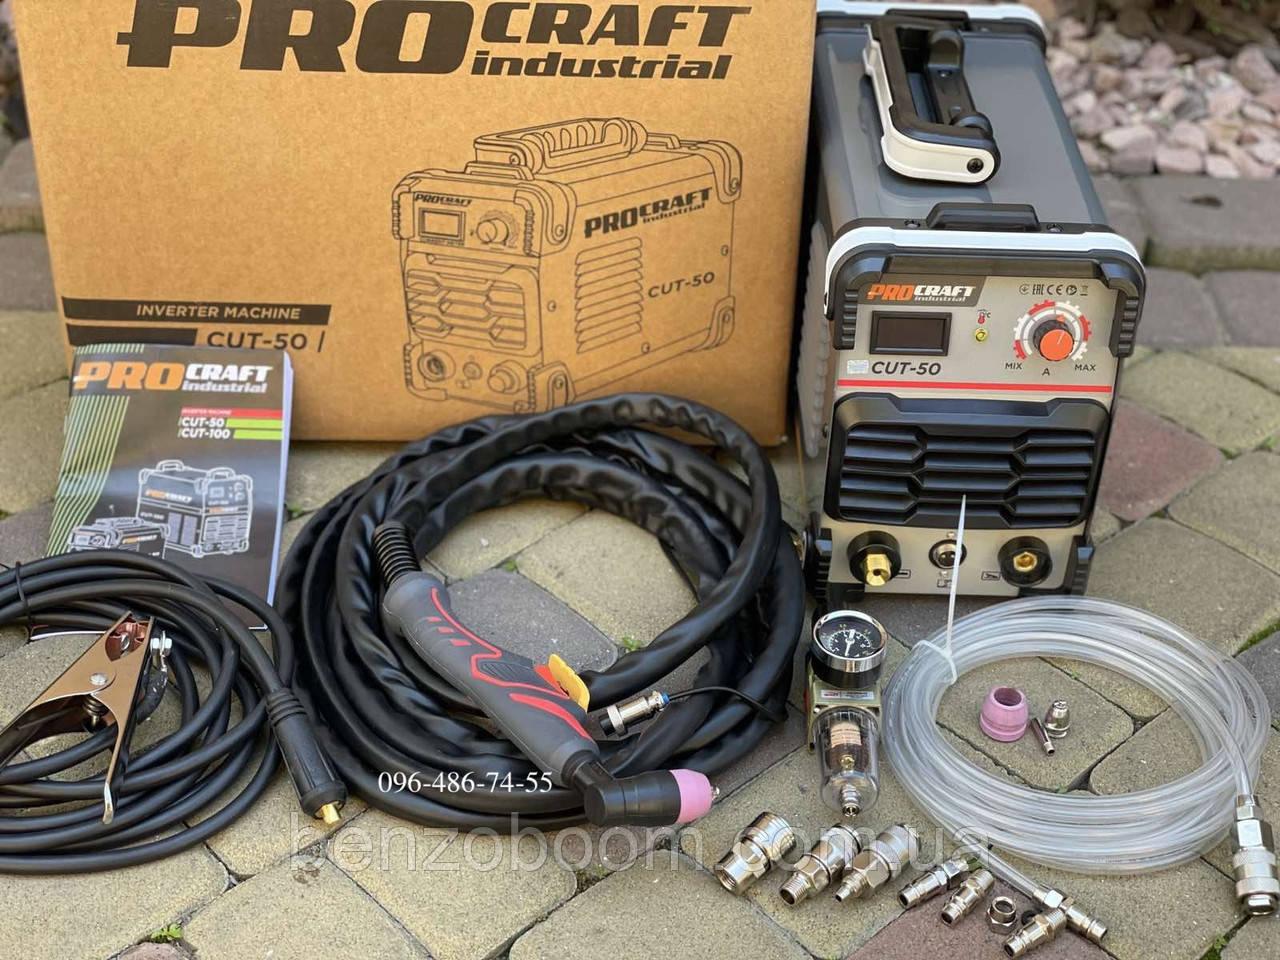 Плазморез ProCraft Industrial Cut 50 плазменный резак